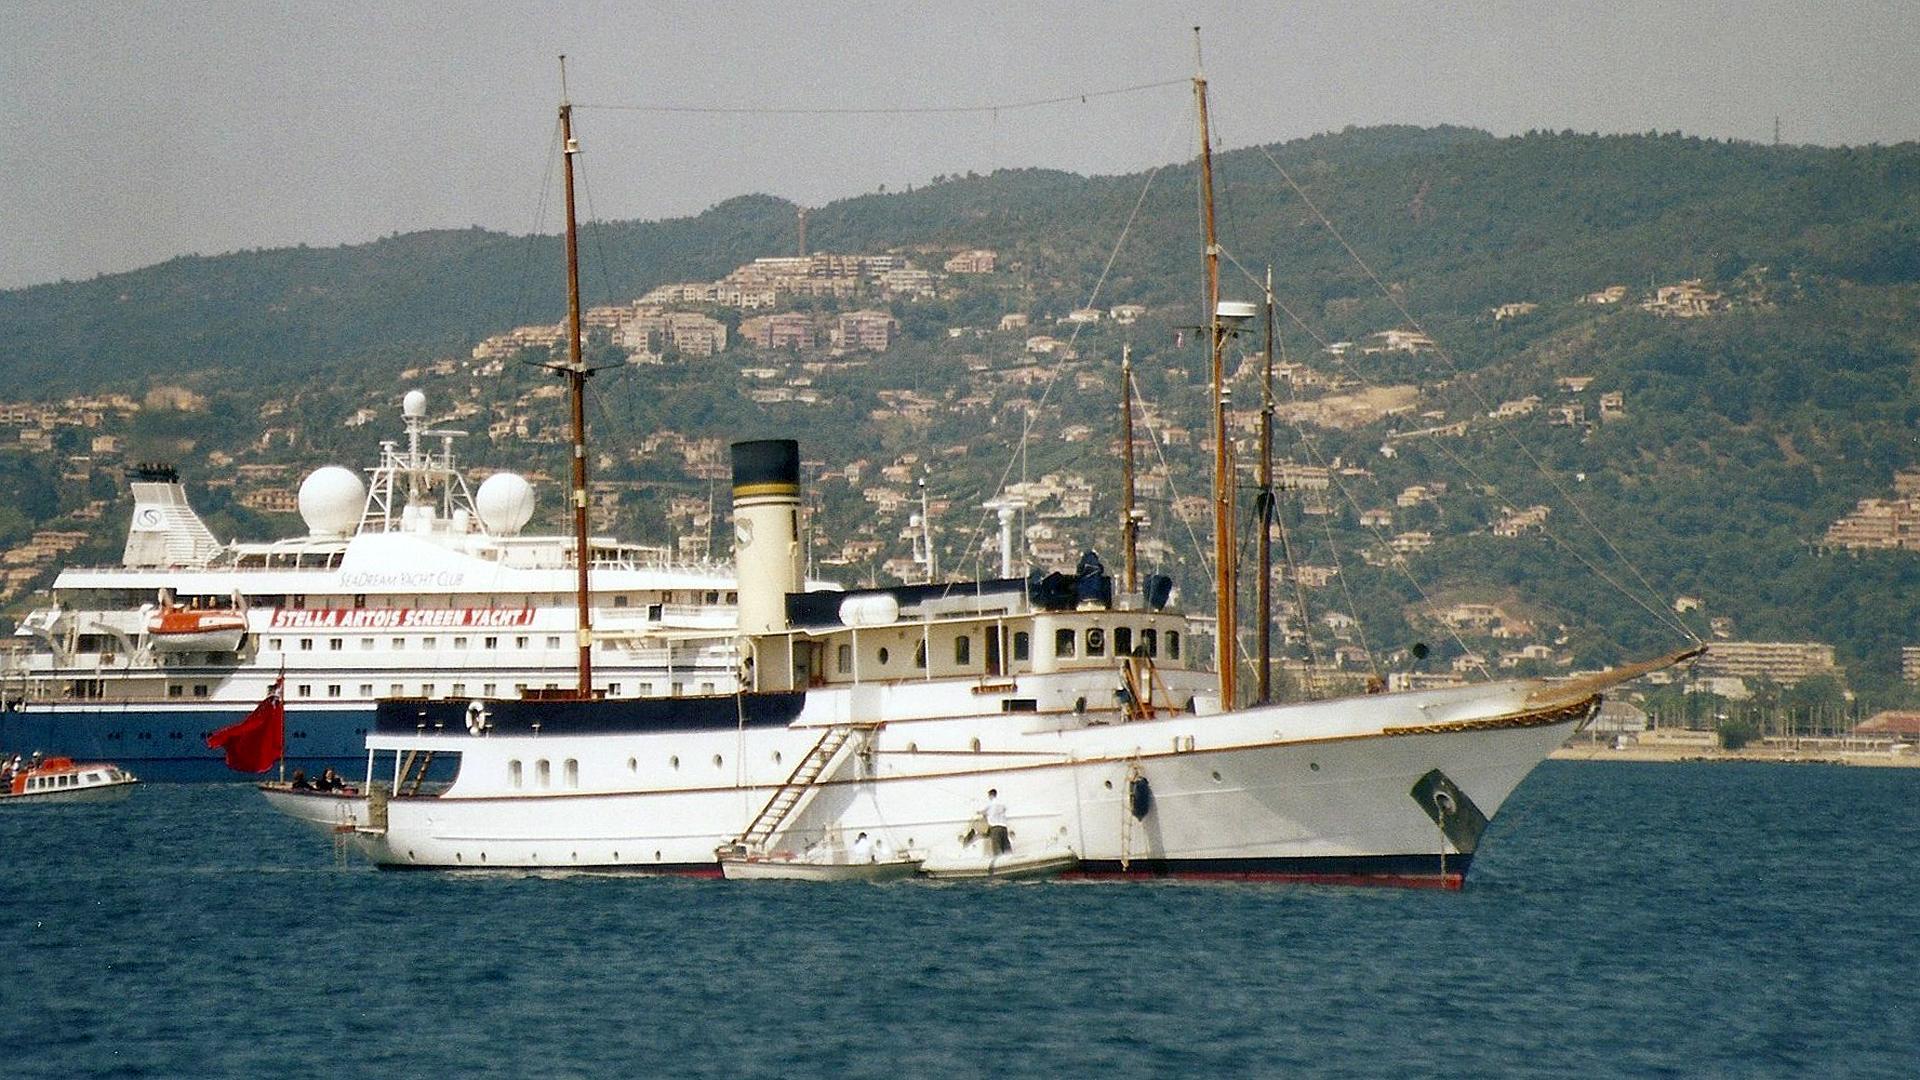 kalizma-sailing-yacht-ramage-ferguson-1906-50m-profile